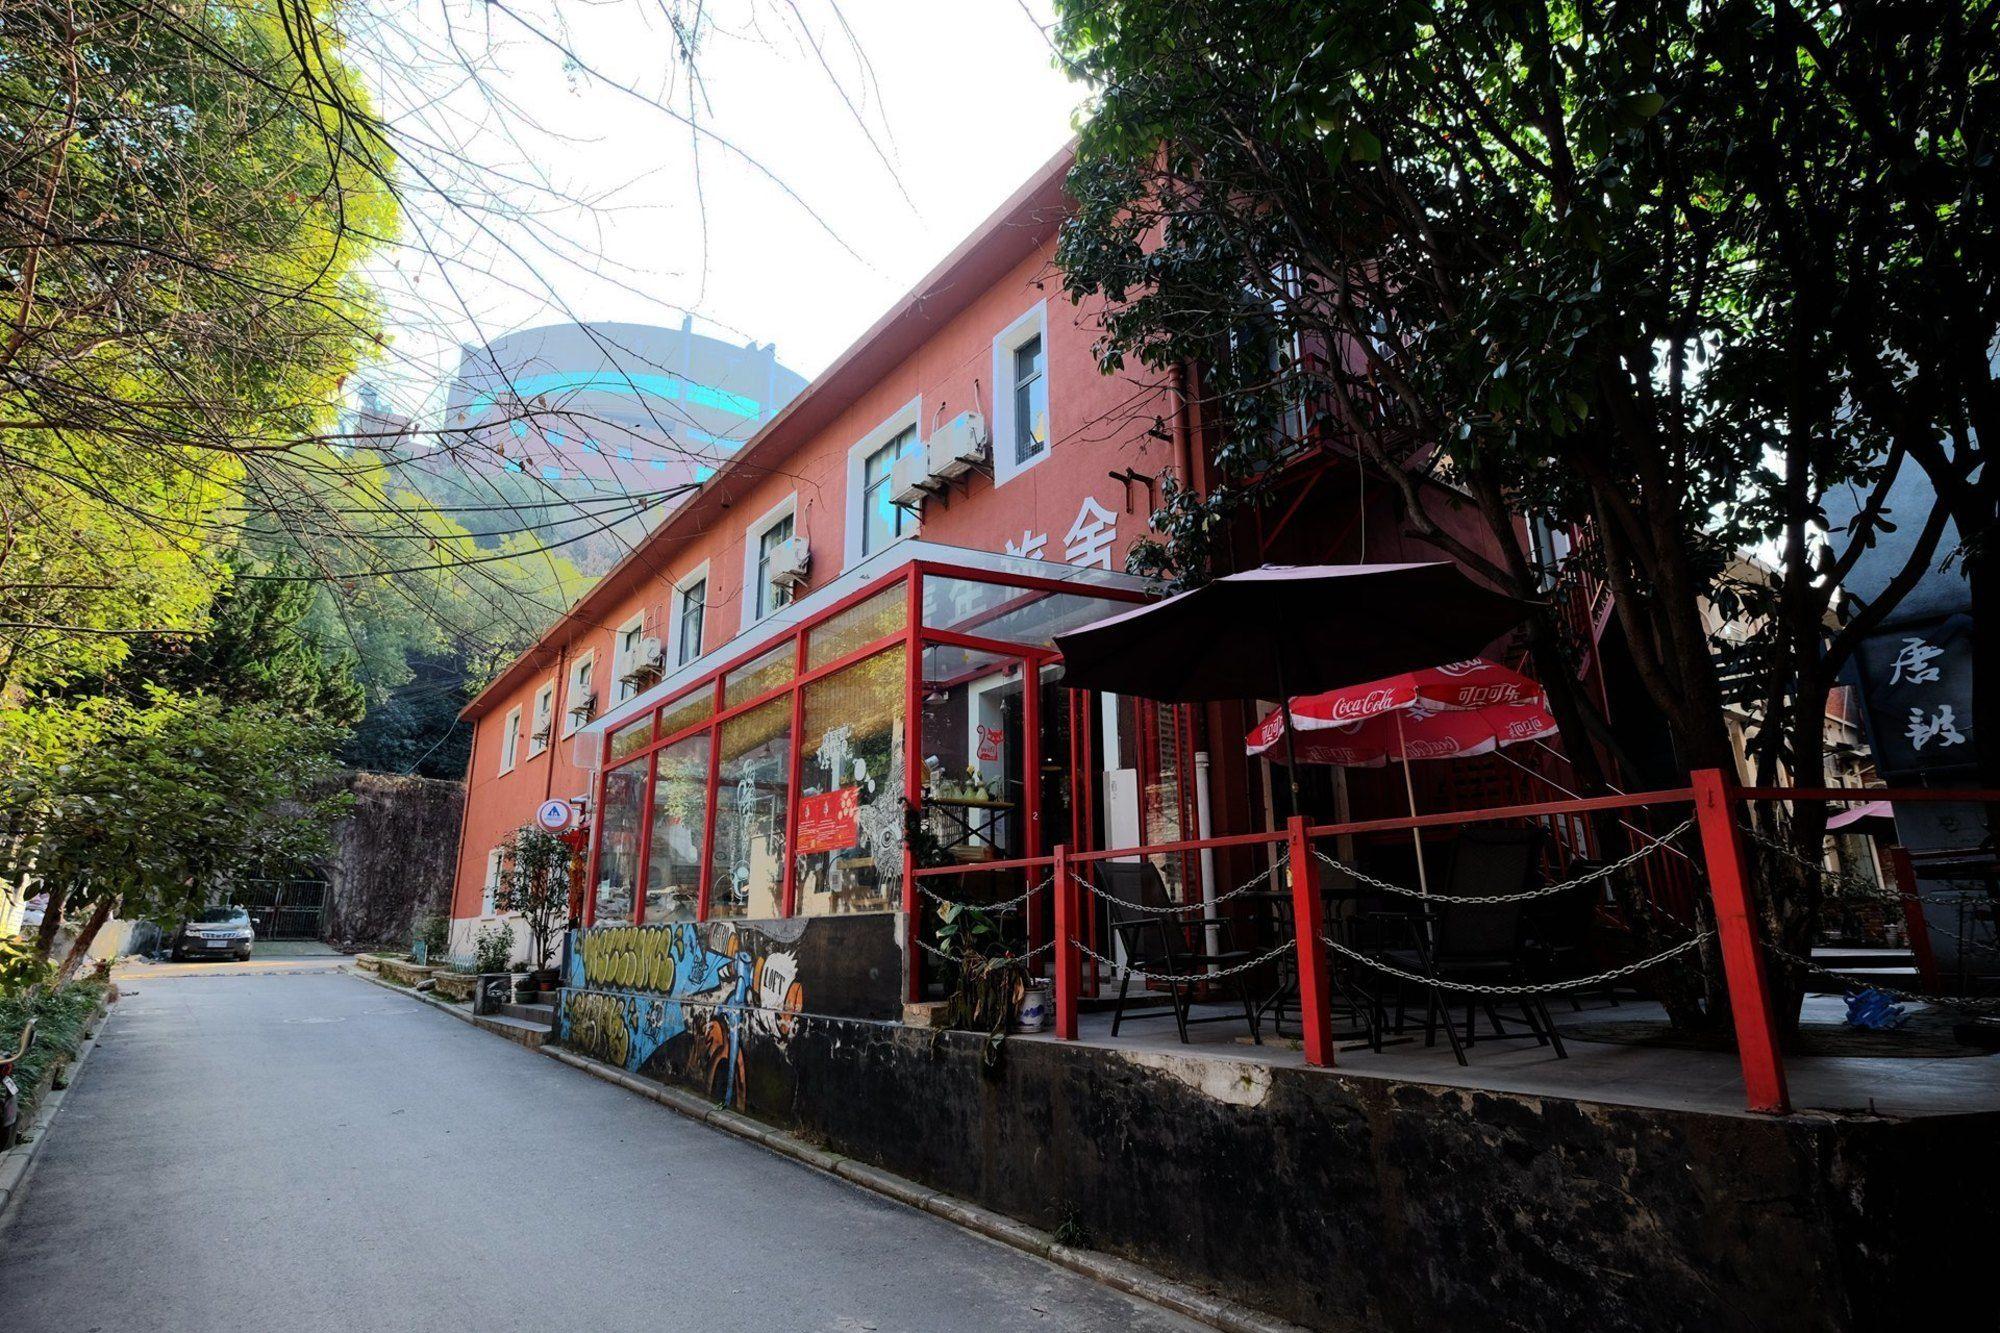 Wuhan Bingo International Youth Hostel